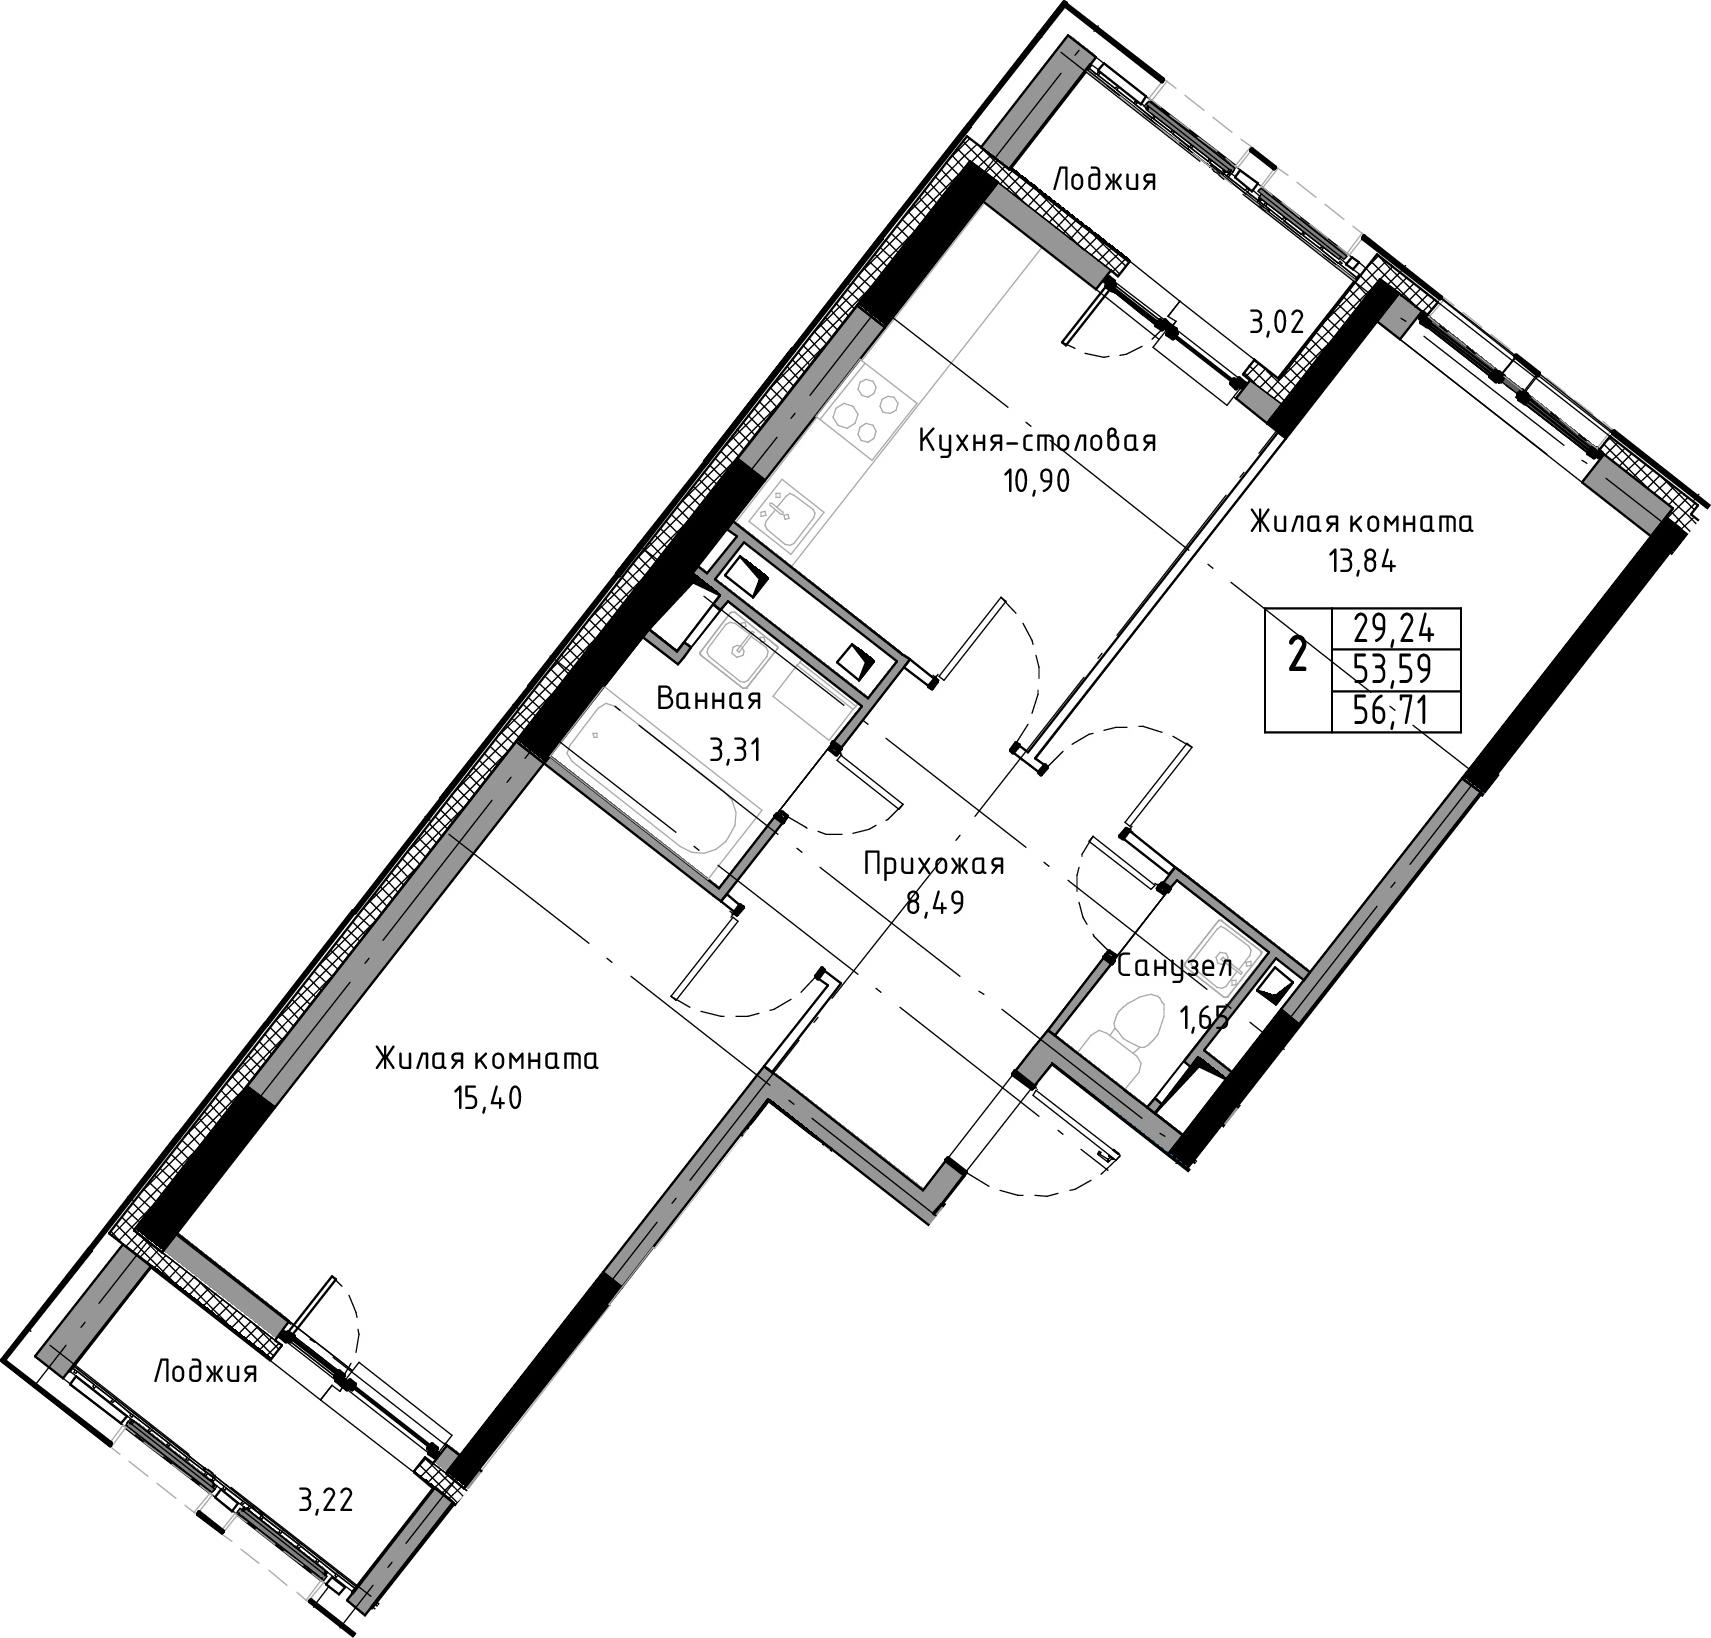 2-к.кв, 56.71 м², 3 этаж